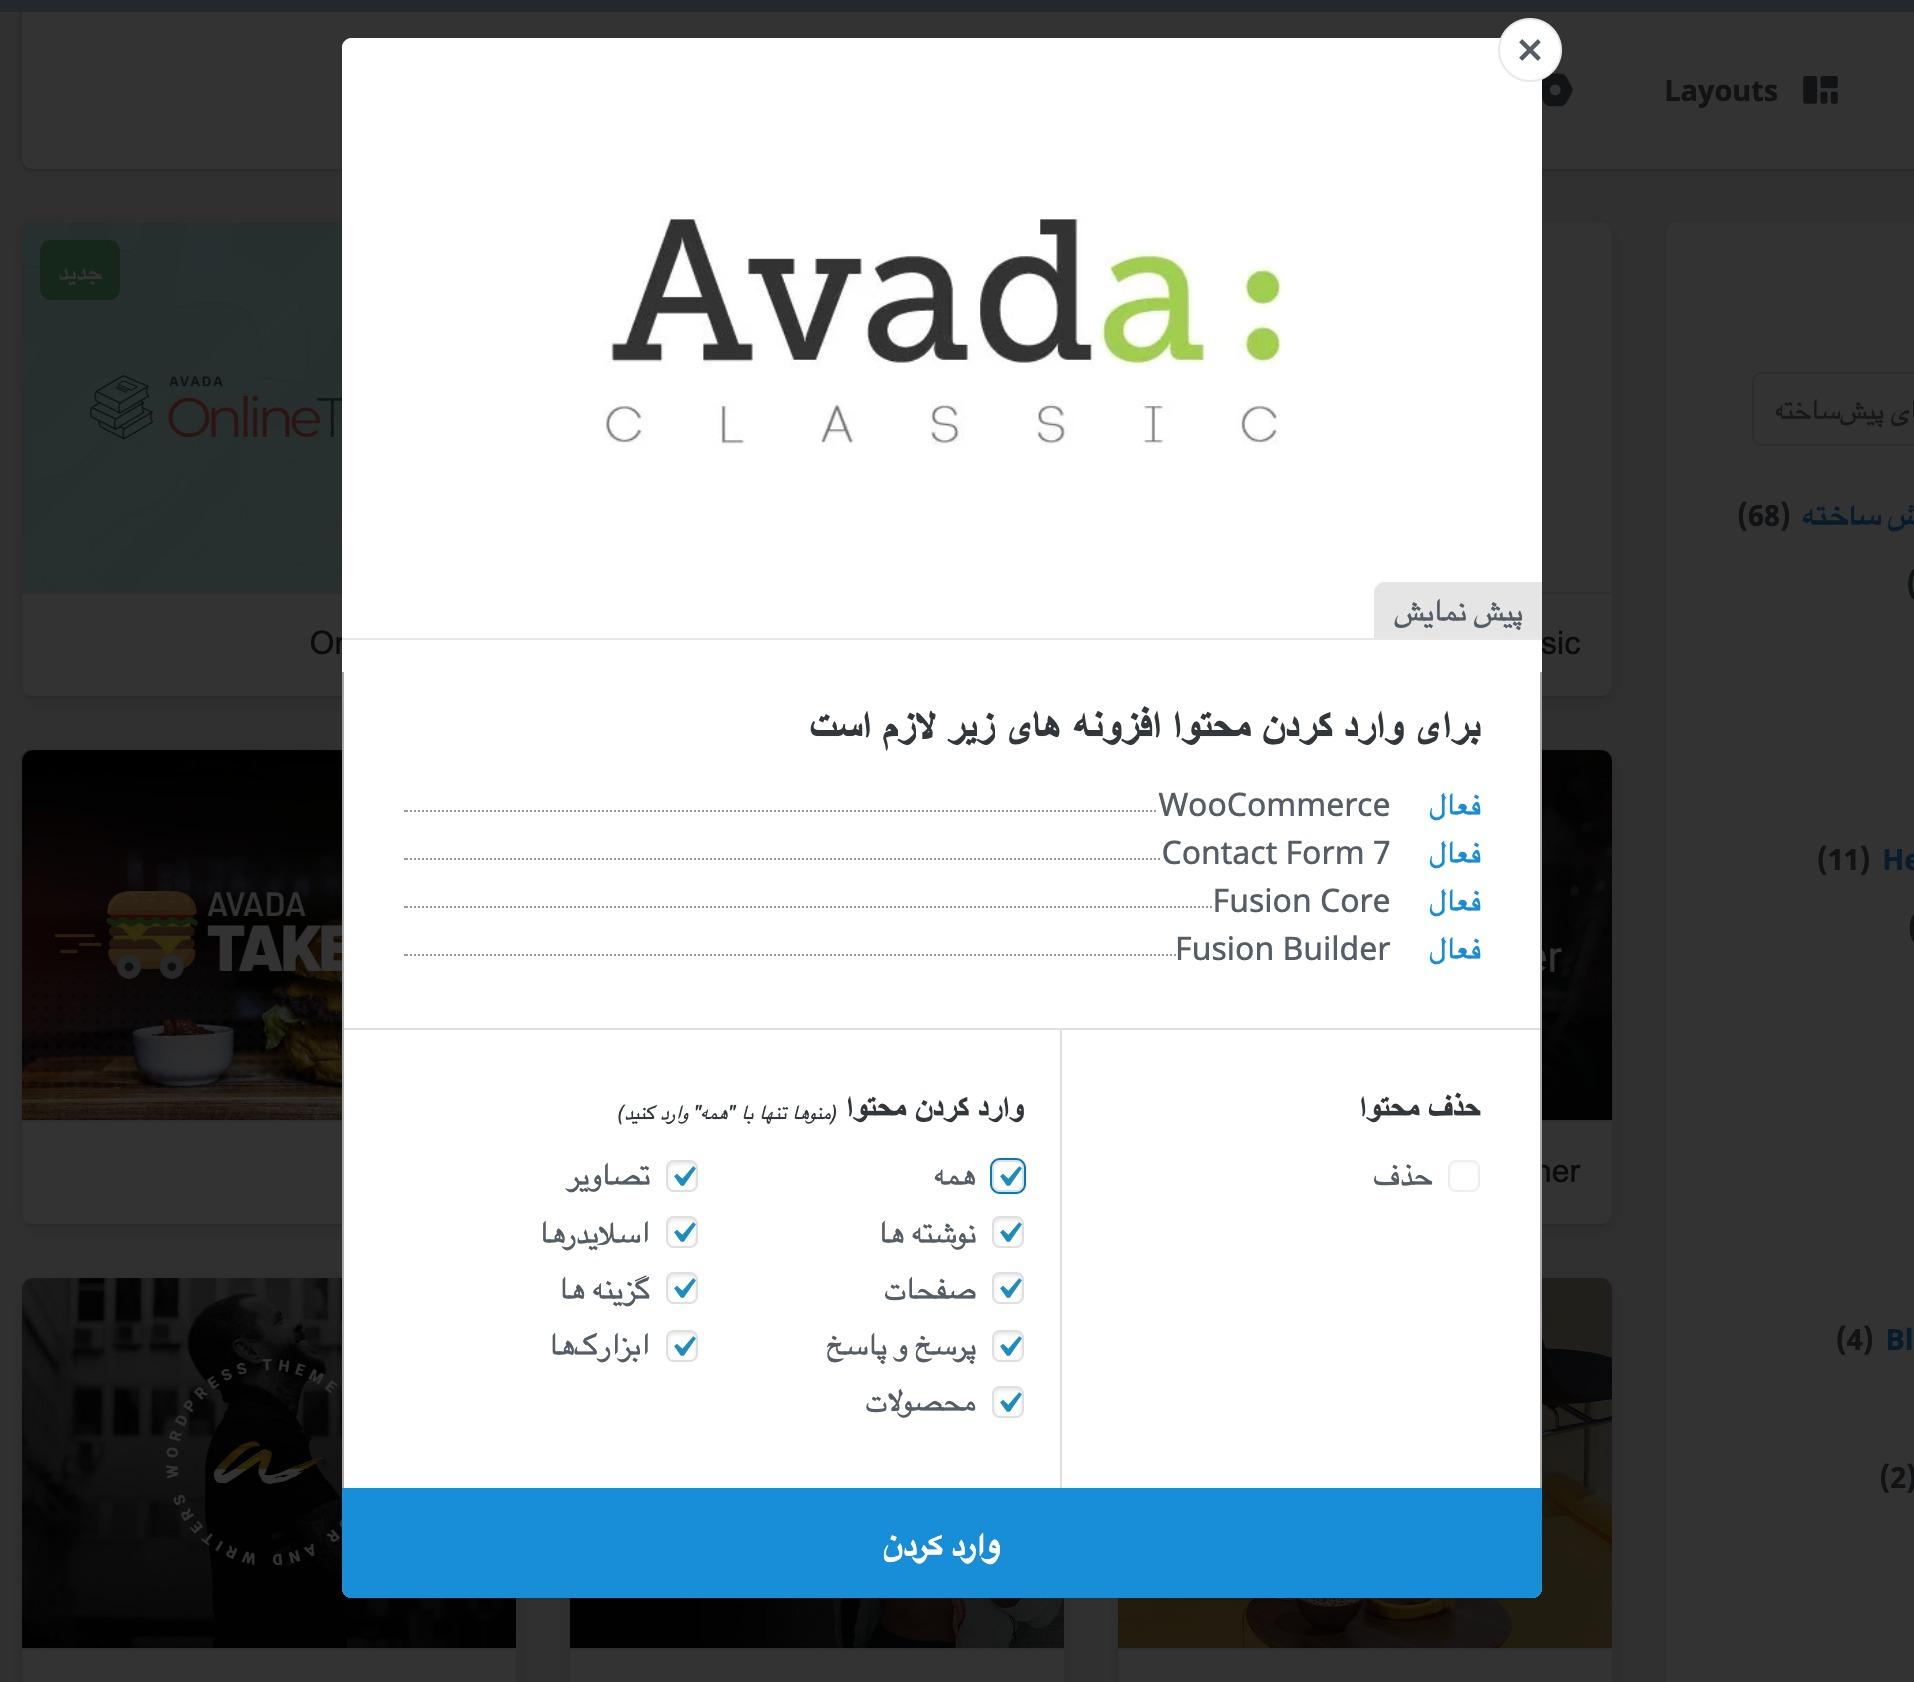 قالب چندمنظوره آوادا | Avada Multipurpose Theme 7